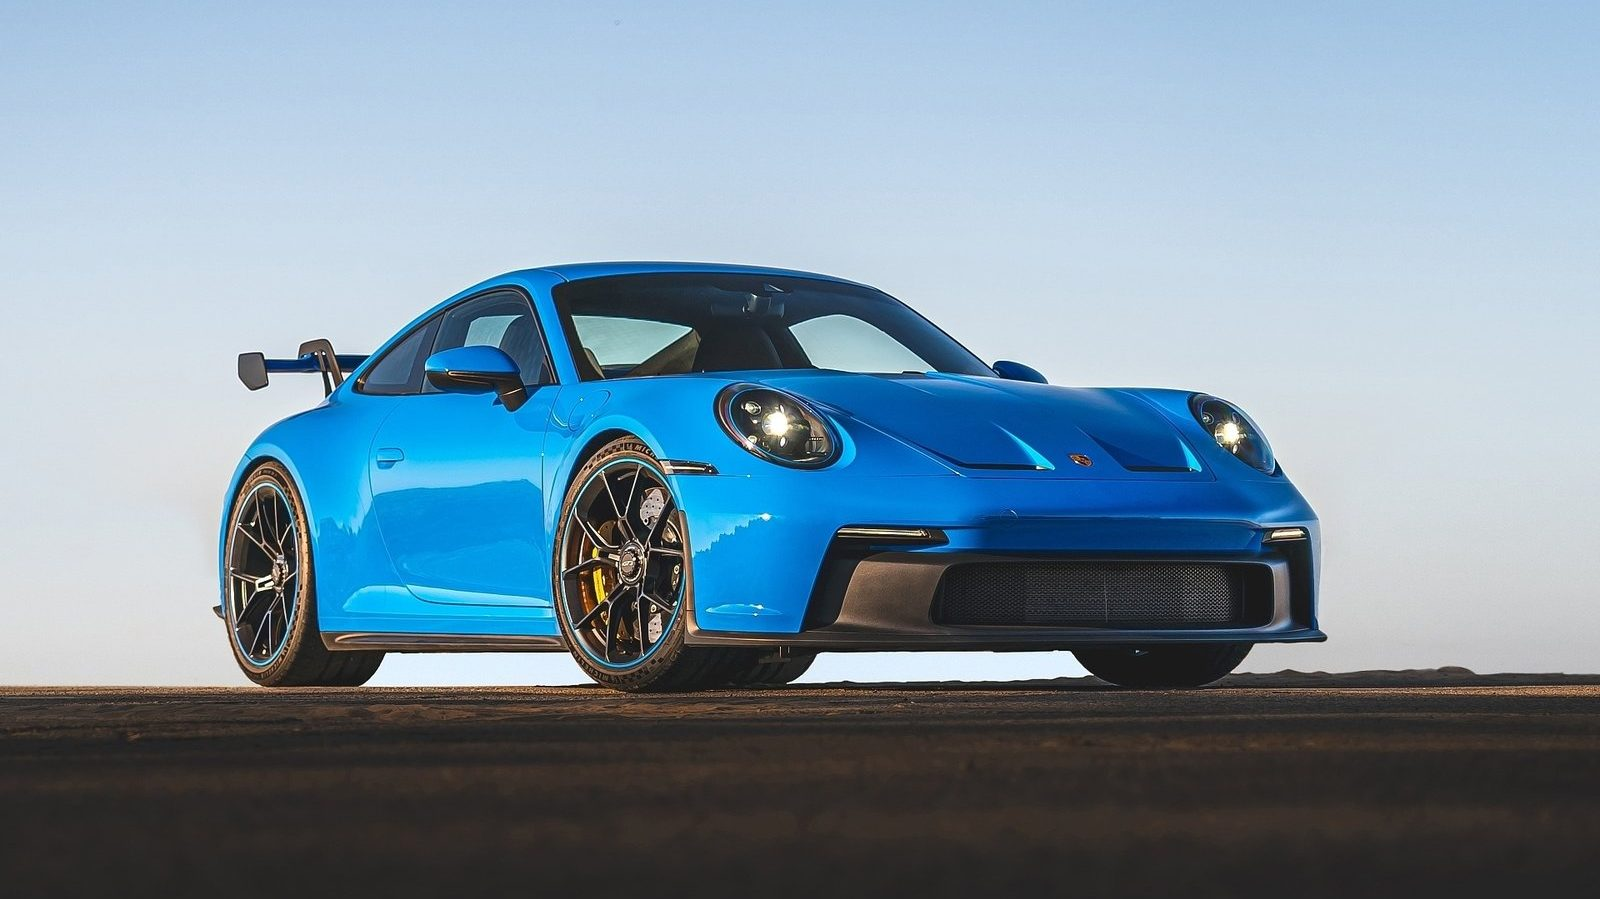 An image of a blue 2022 Porsche 911 GT3 on a track.